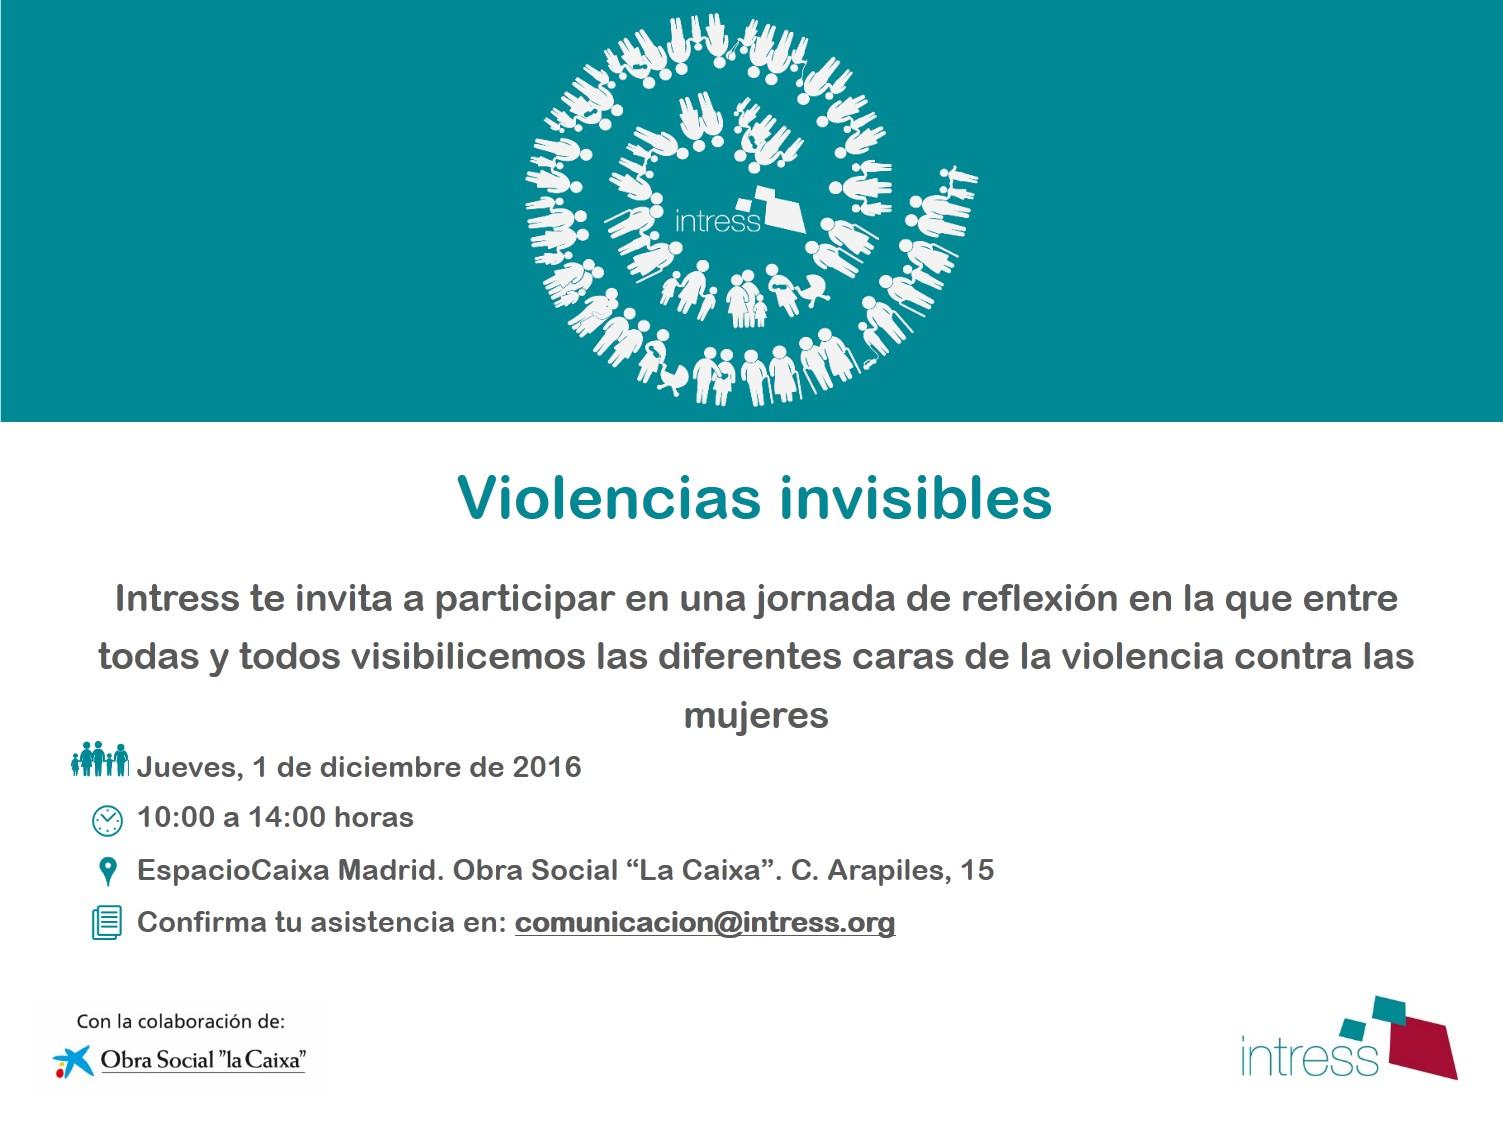 violencias invisibles